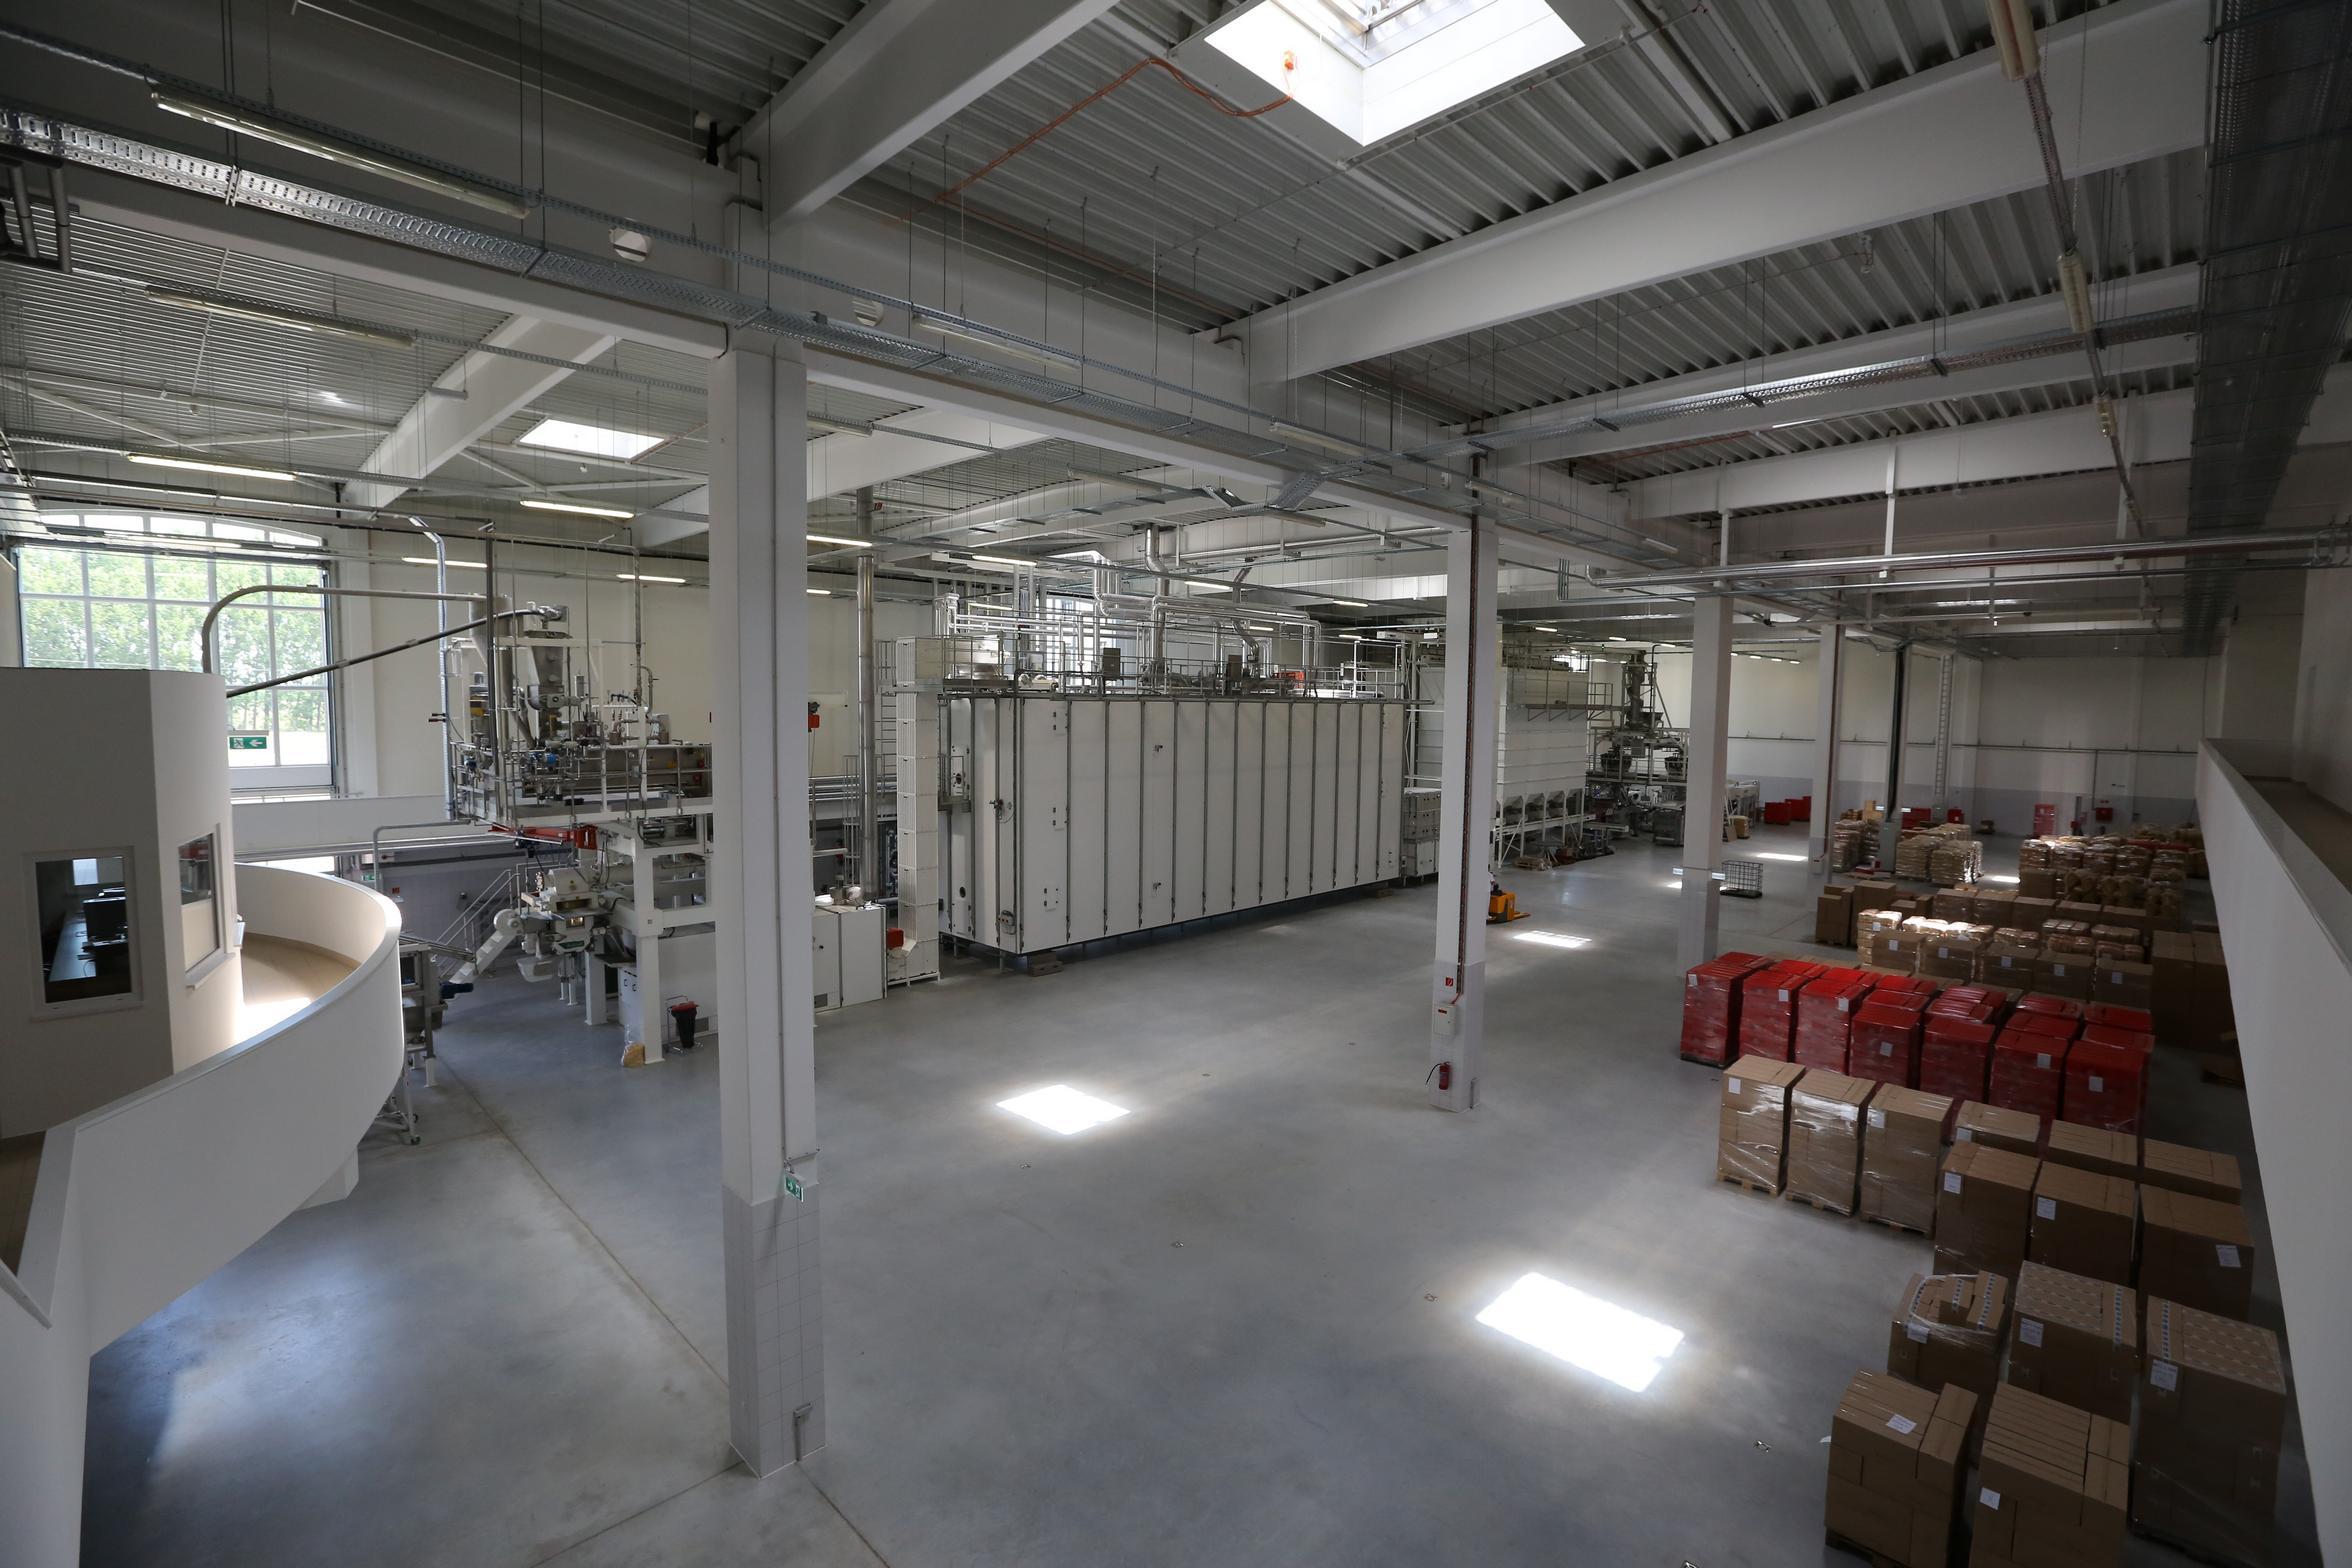 Tésztagyártó gépsor beszerzés a Balogh Tészta Zrt.-nél